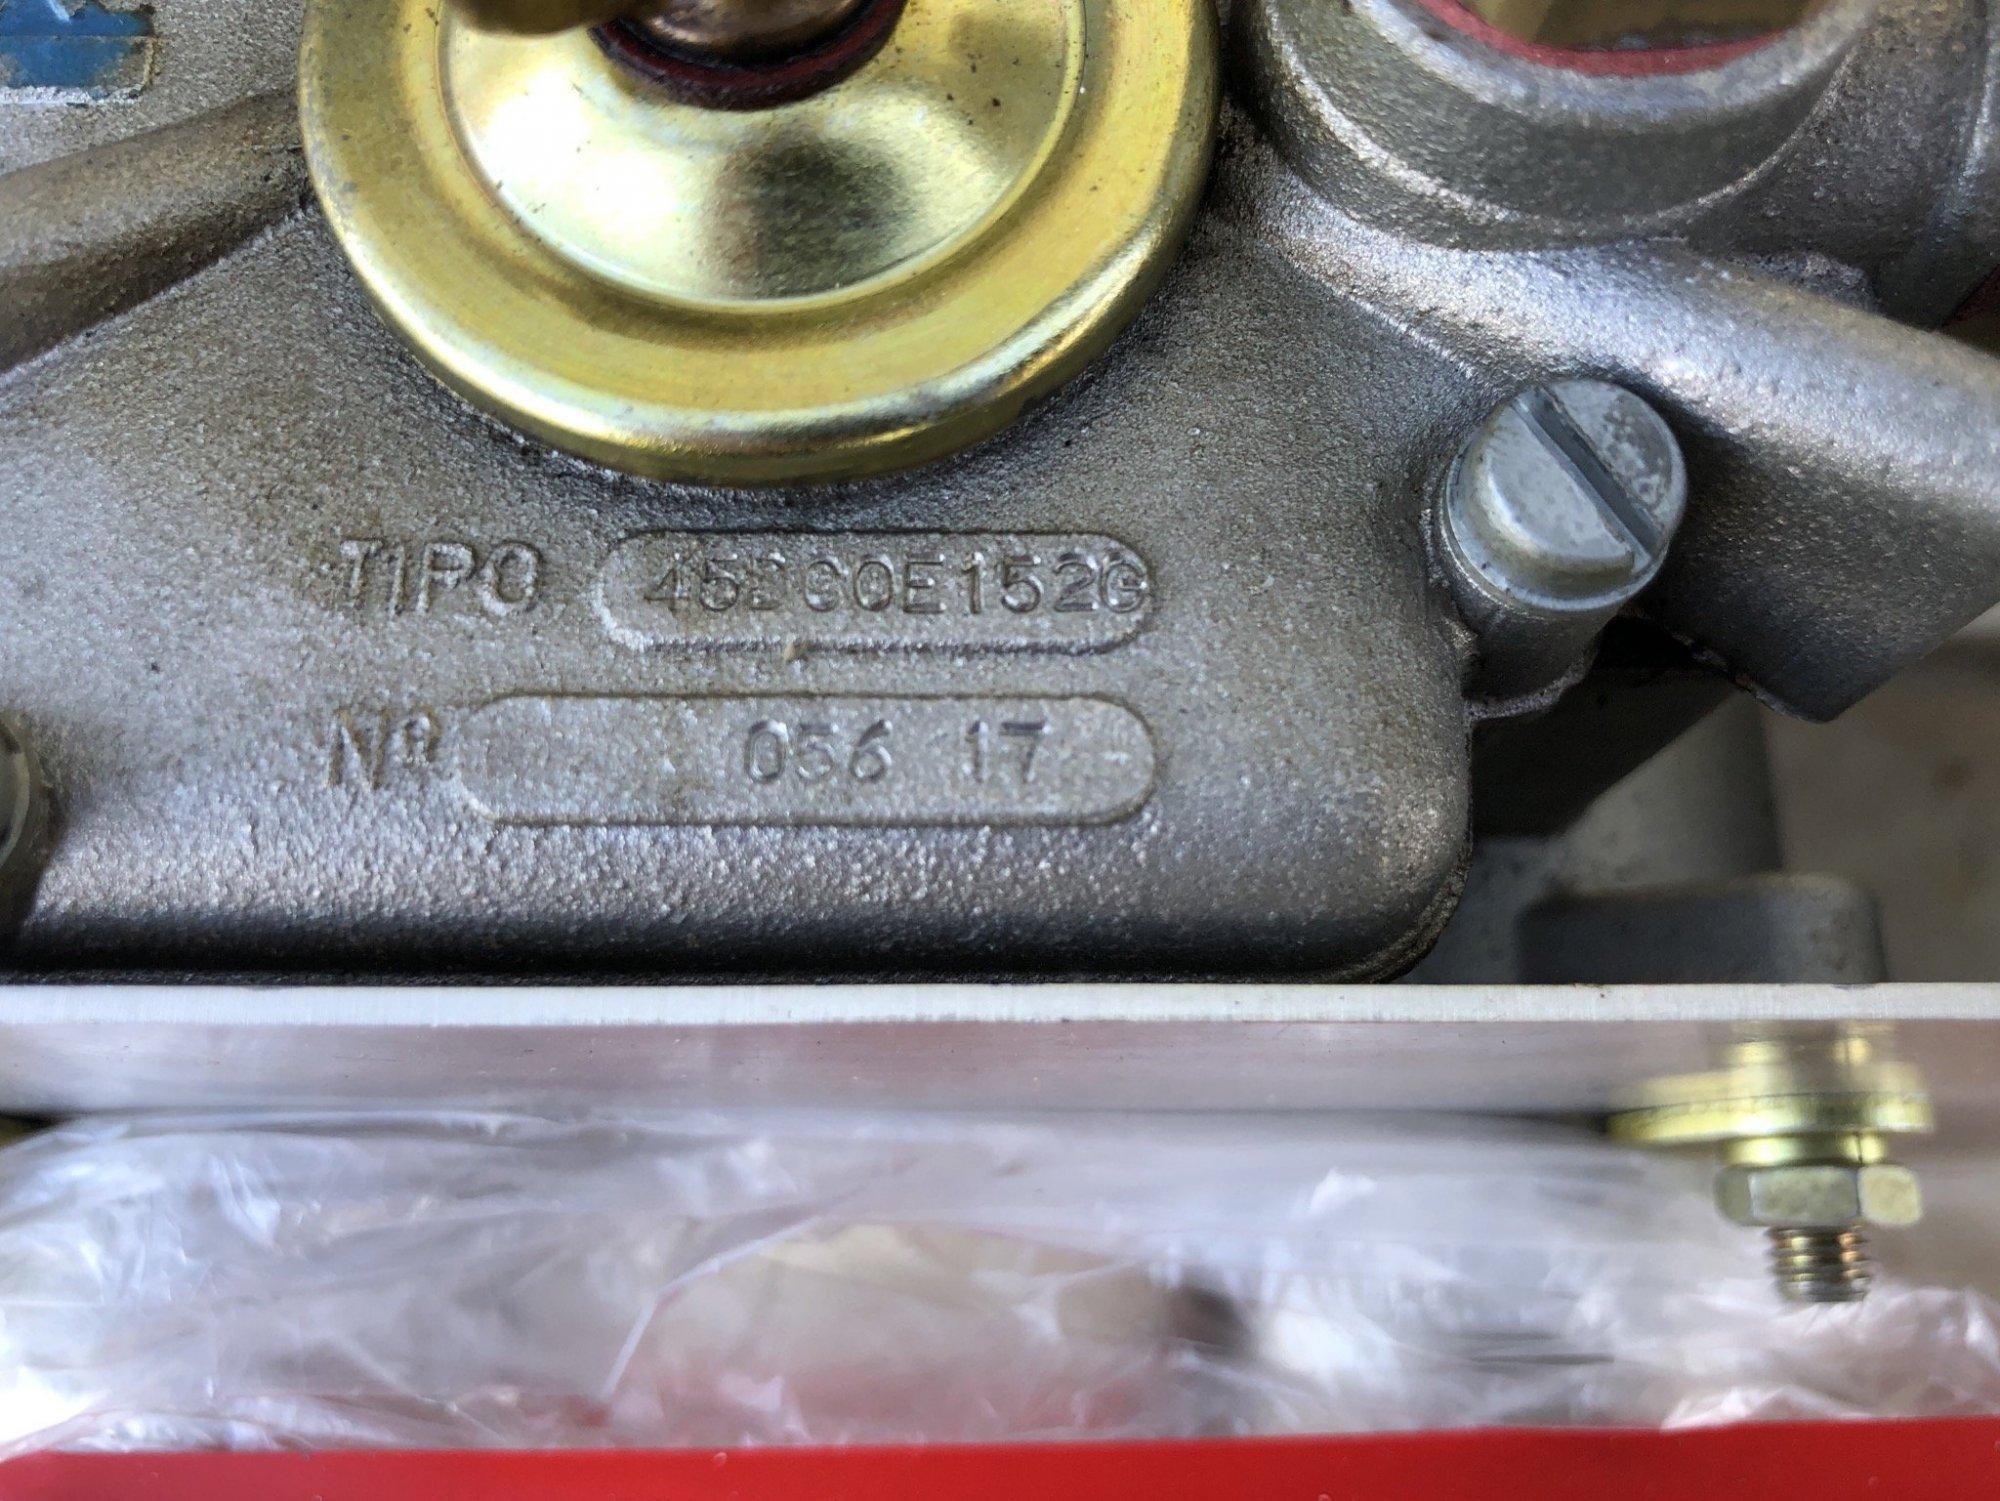 0FEB5982-B911-43B6-AD1E-6AD9E292729B.thumb.jpeg.9a24a2e650f411fd909668645dccc8da.jpeg